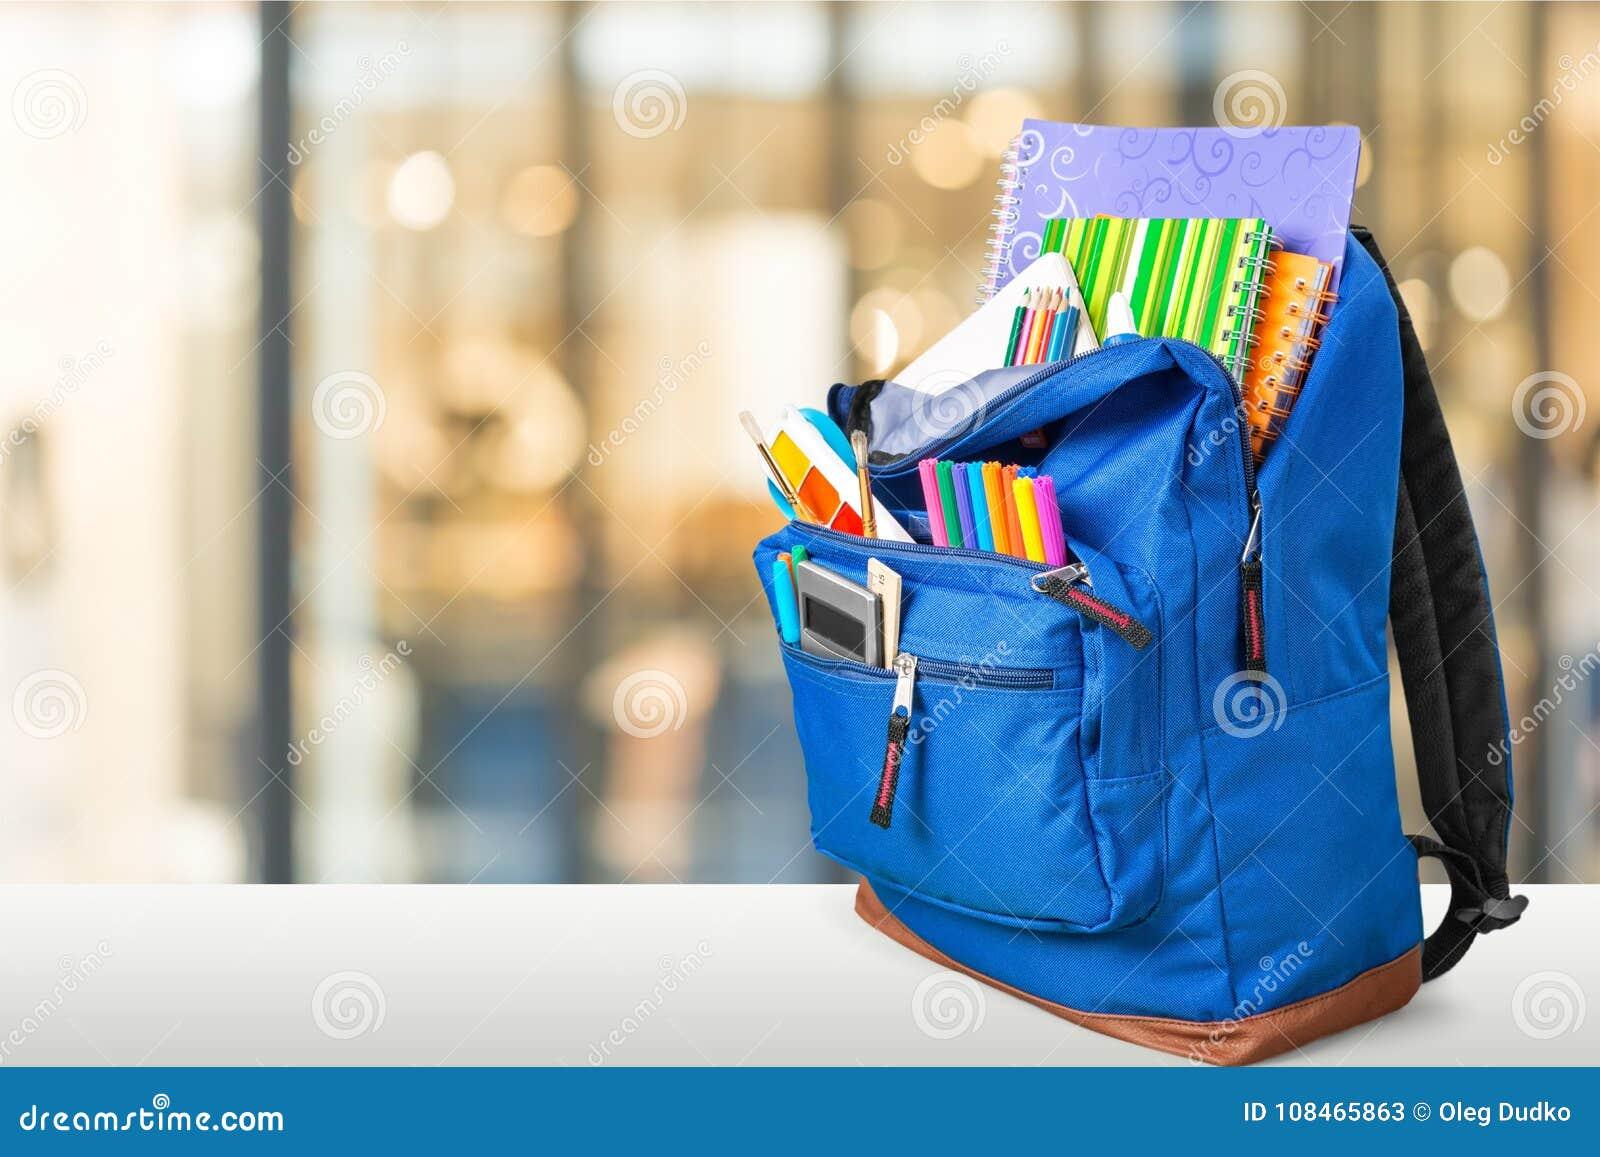 8e1f734380 Πίσω μεγάλο μπλε χρώματος χαρτικών σχολικών σακιδίων πλάτης. Περισσότερες  παρόμοιες στοκ εικόνες